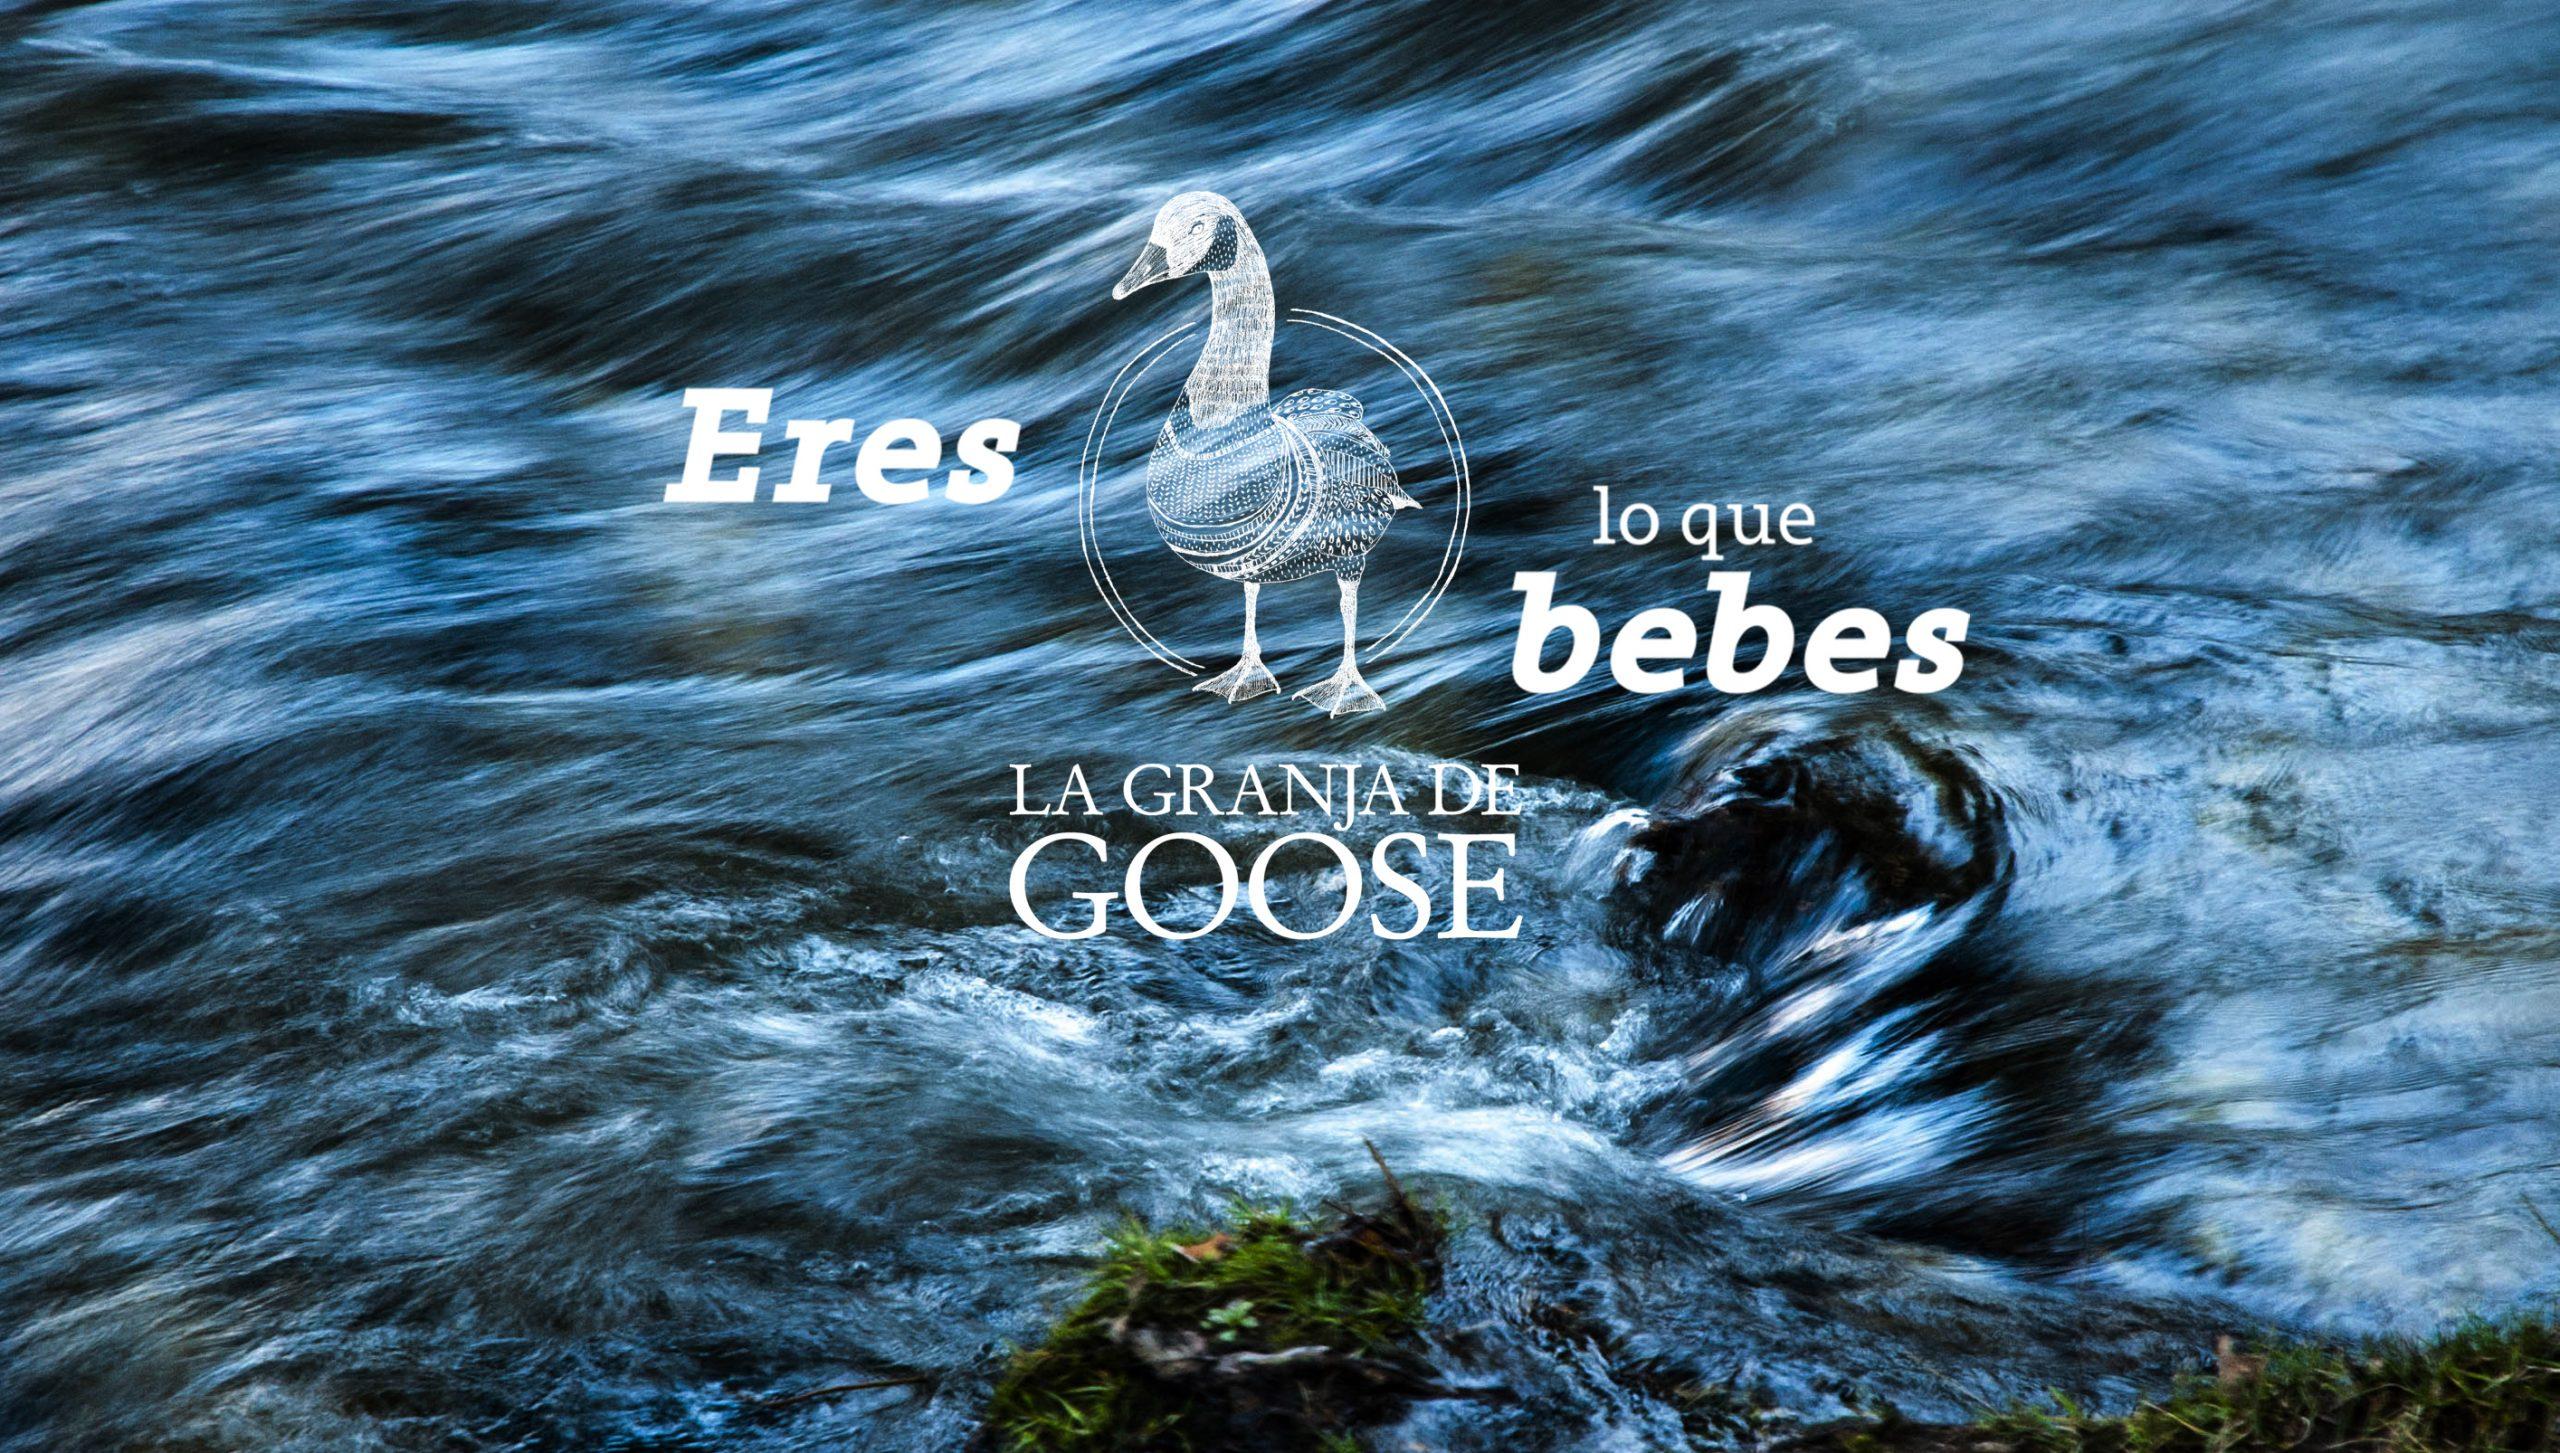 https://www.lagranjadegoose.com/blog/wp-content/uploads/2020/08/Eres-lo-que-Bebes-La-Granja-de-Goose-1-scaled.jpg